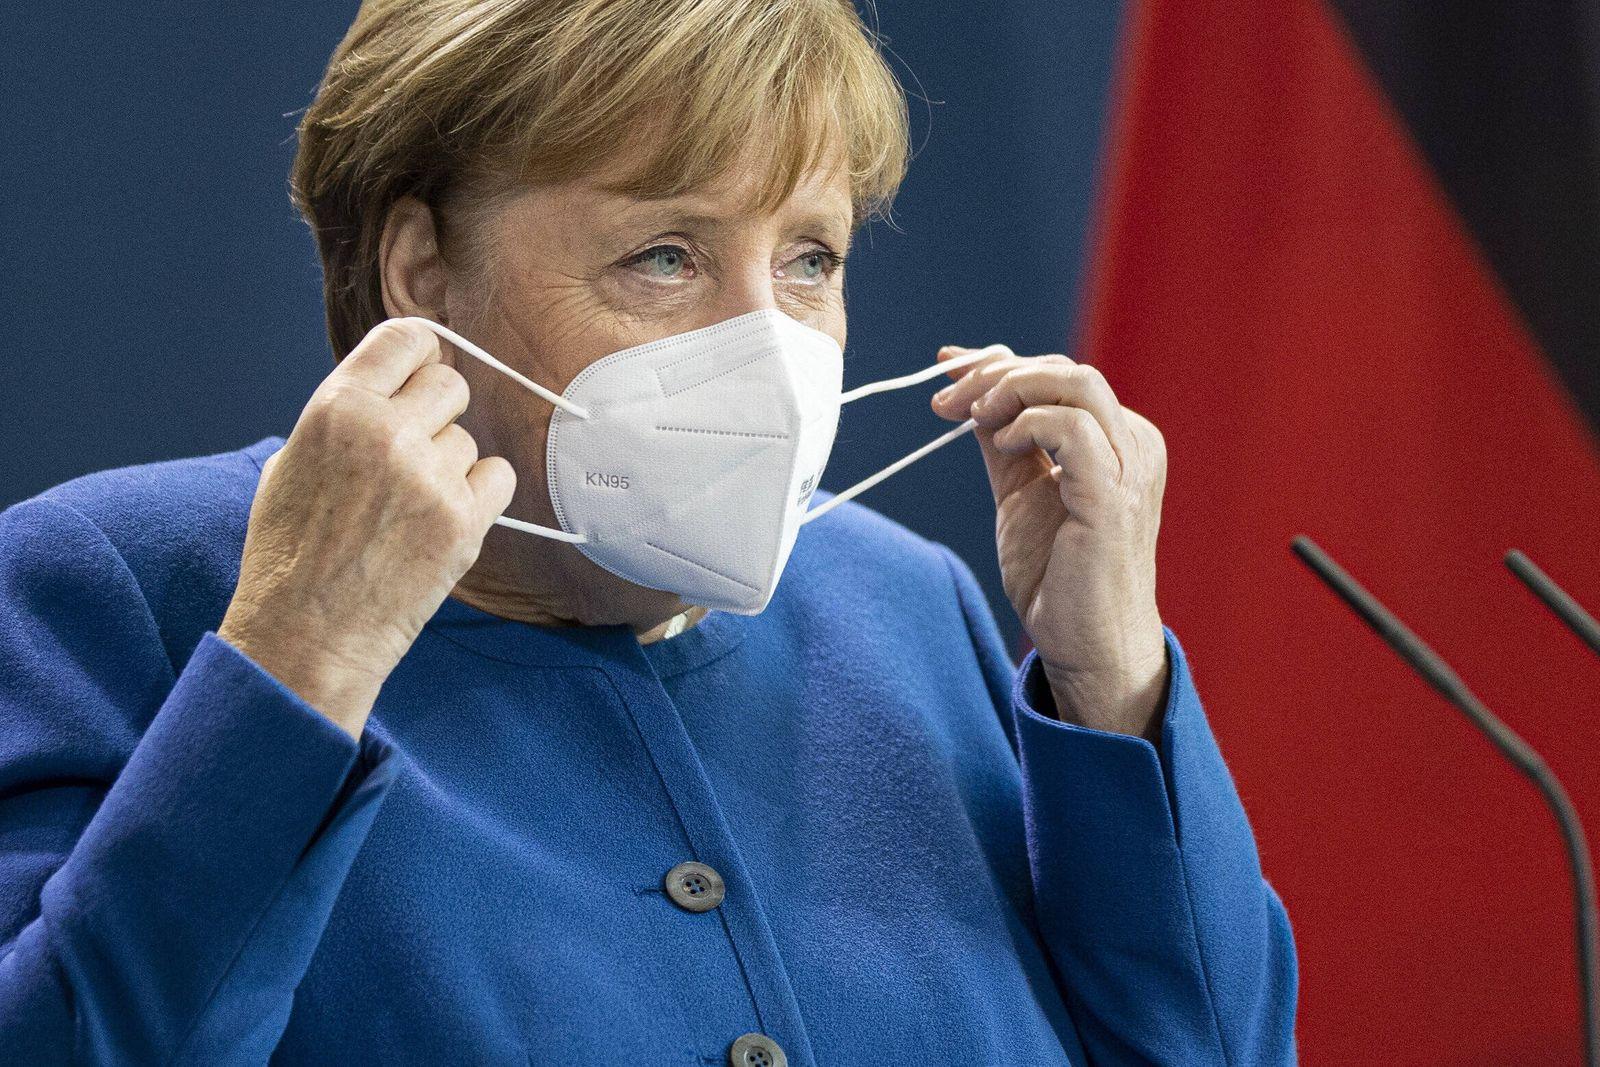 Angela Merkel, Bundeskanzlerin, aufgenommen waehrend einer Pressekonferenz mit Mustafa al-Kadhimi (nicht im Bild), Mini